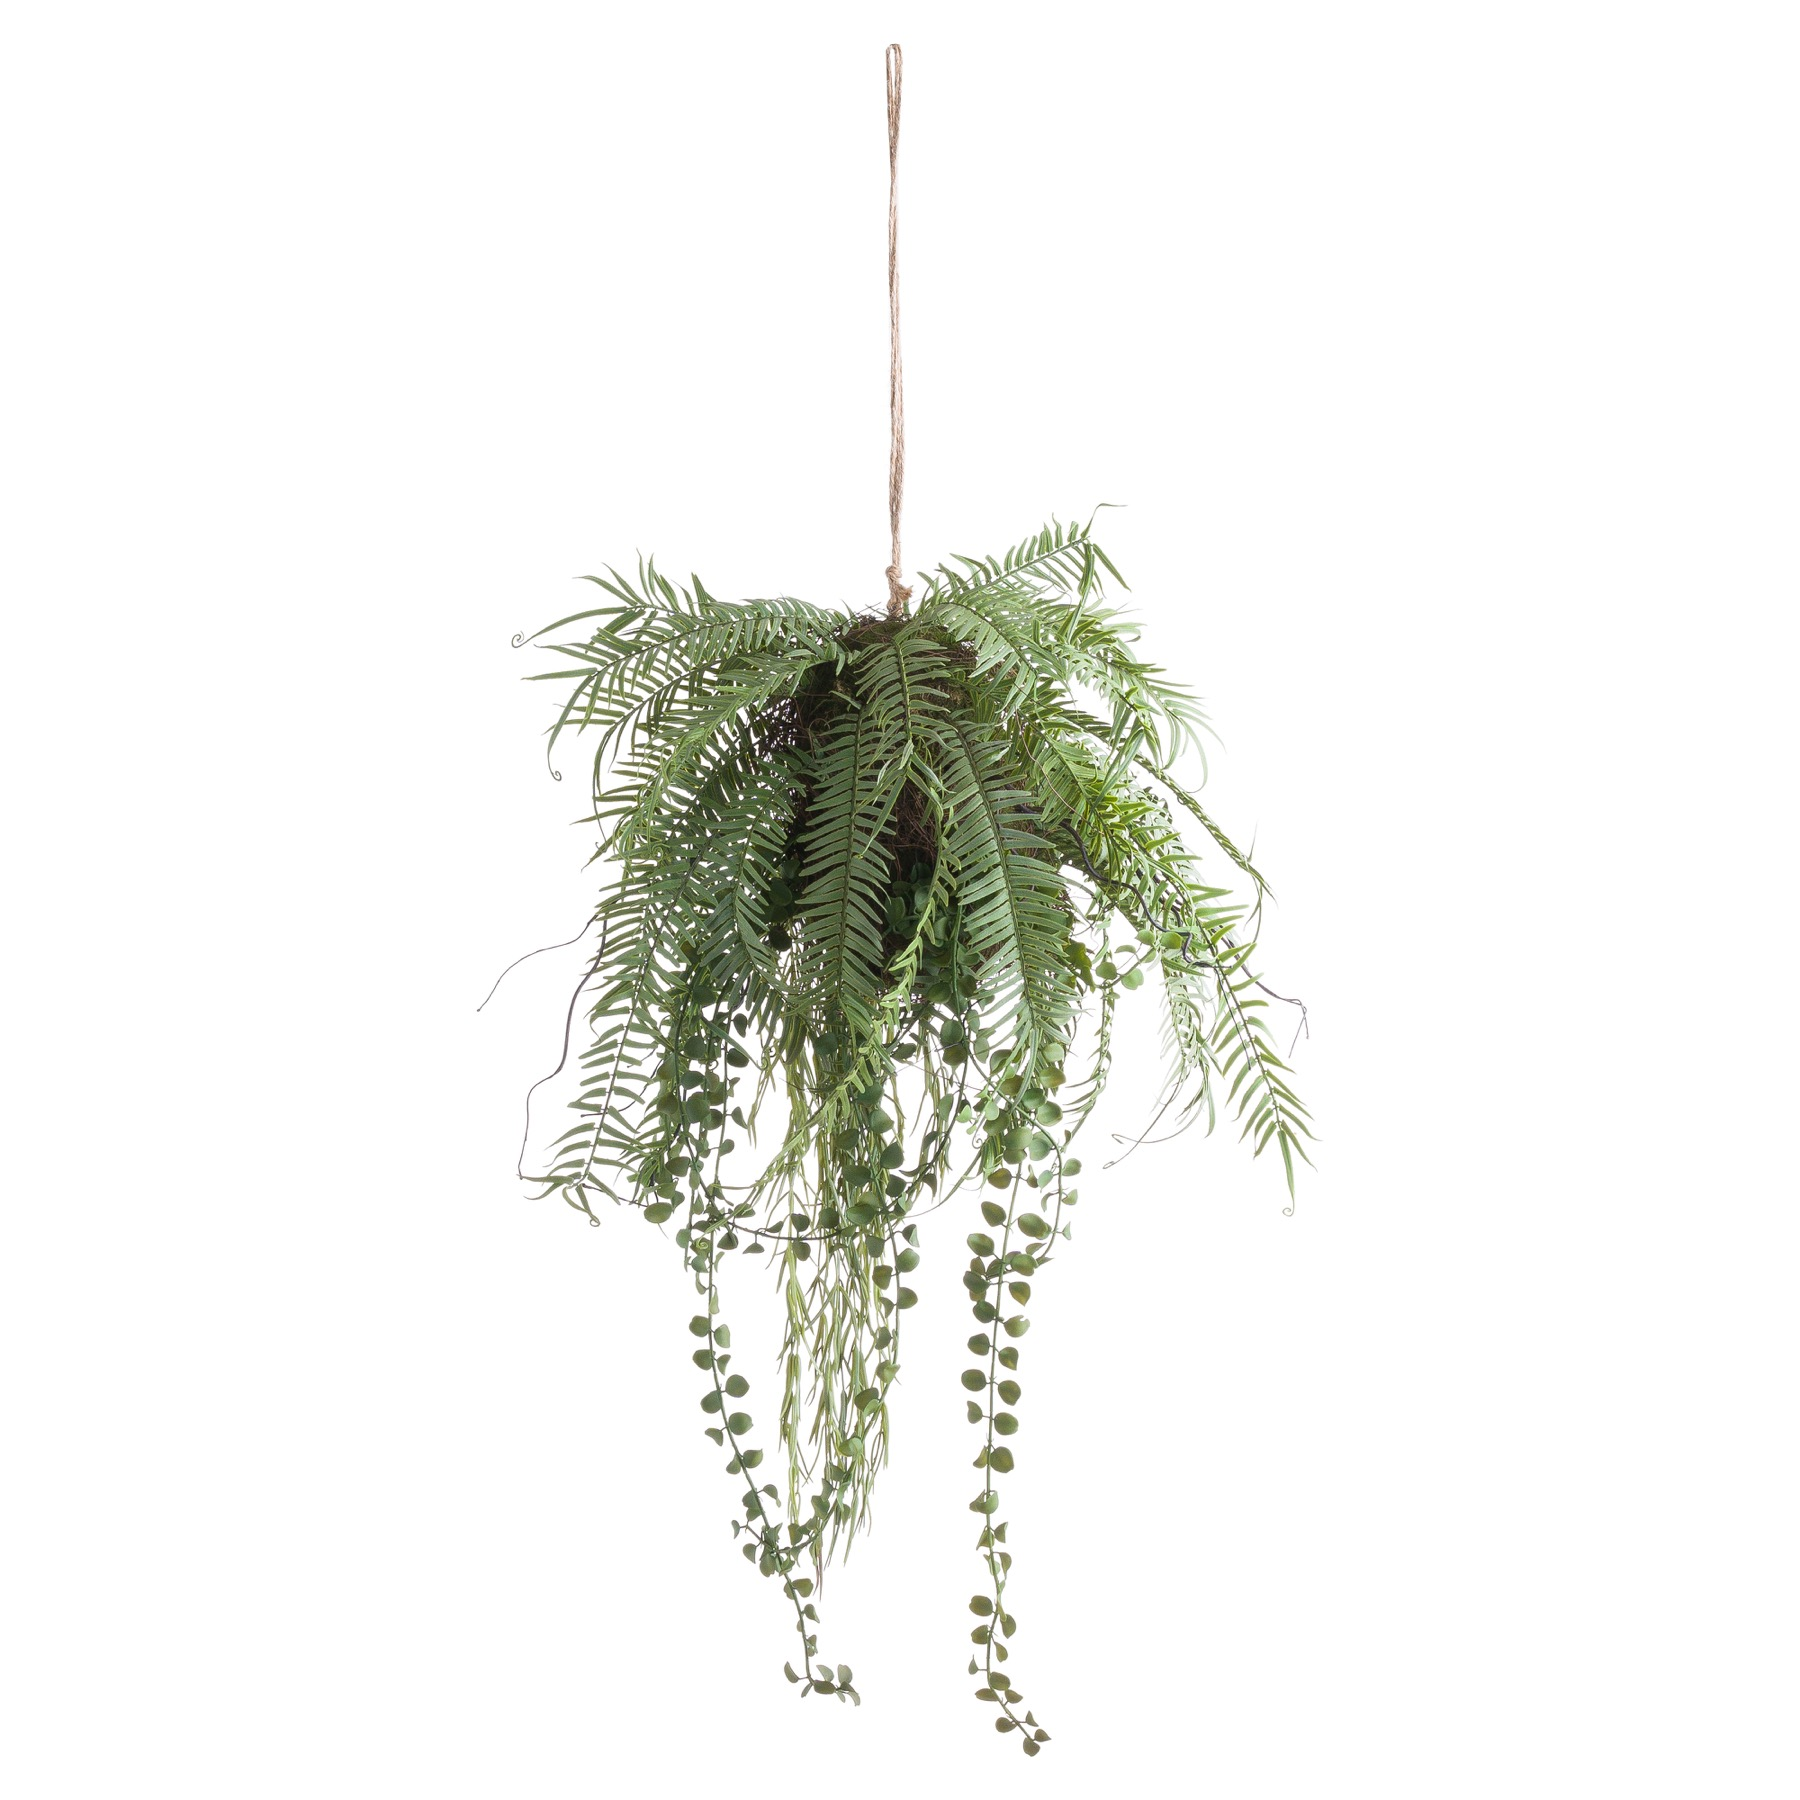 Fern Hanging Basket Arrangement - Image 1